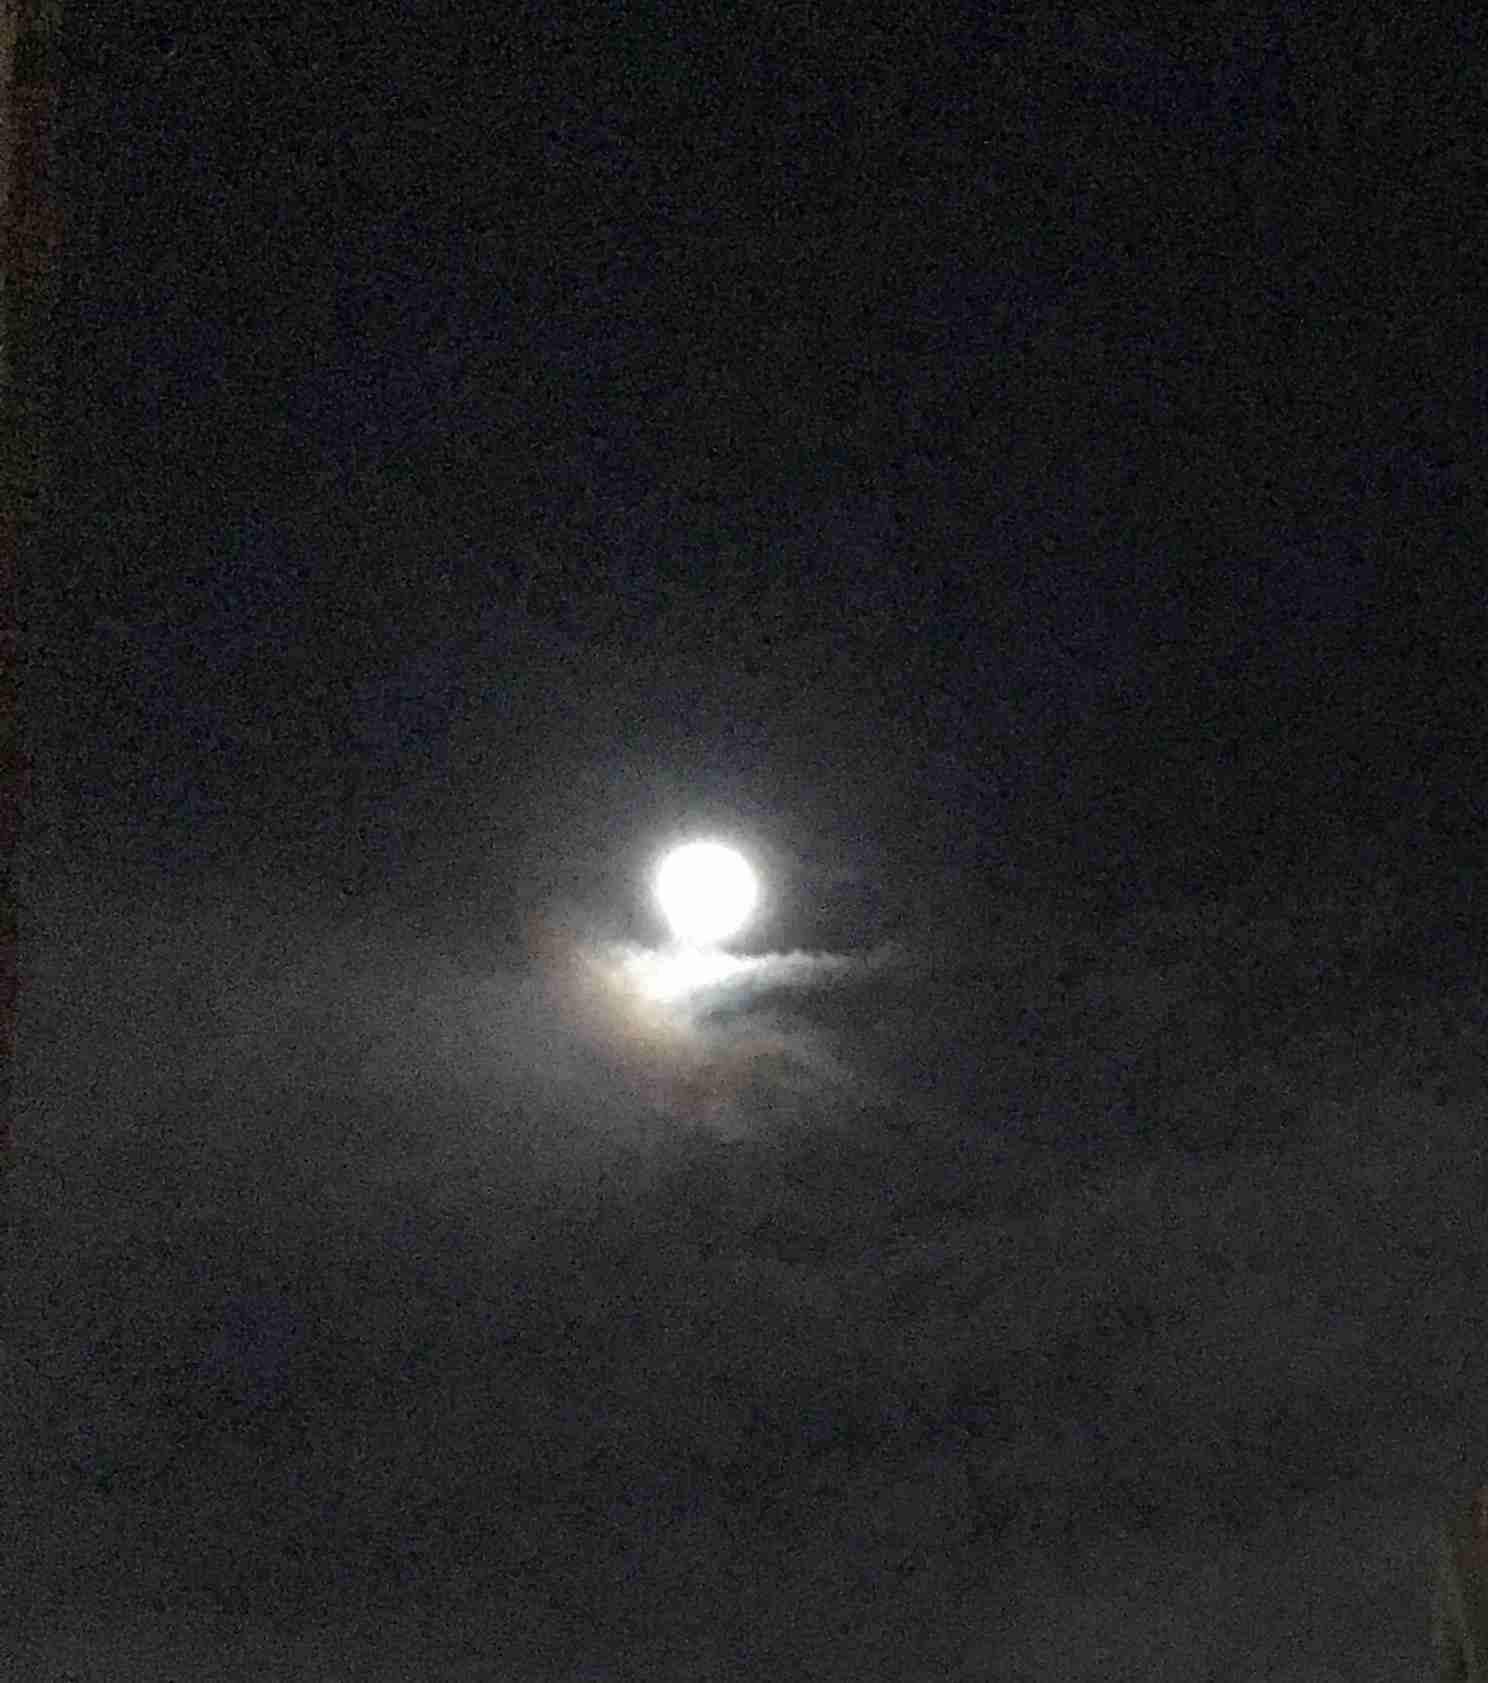 誰かに「月が綺麗ですね」と送ってみるトピ part2